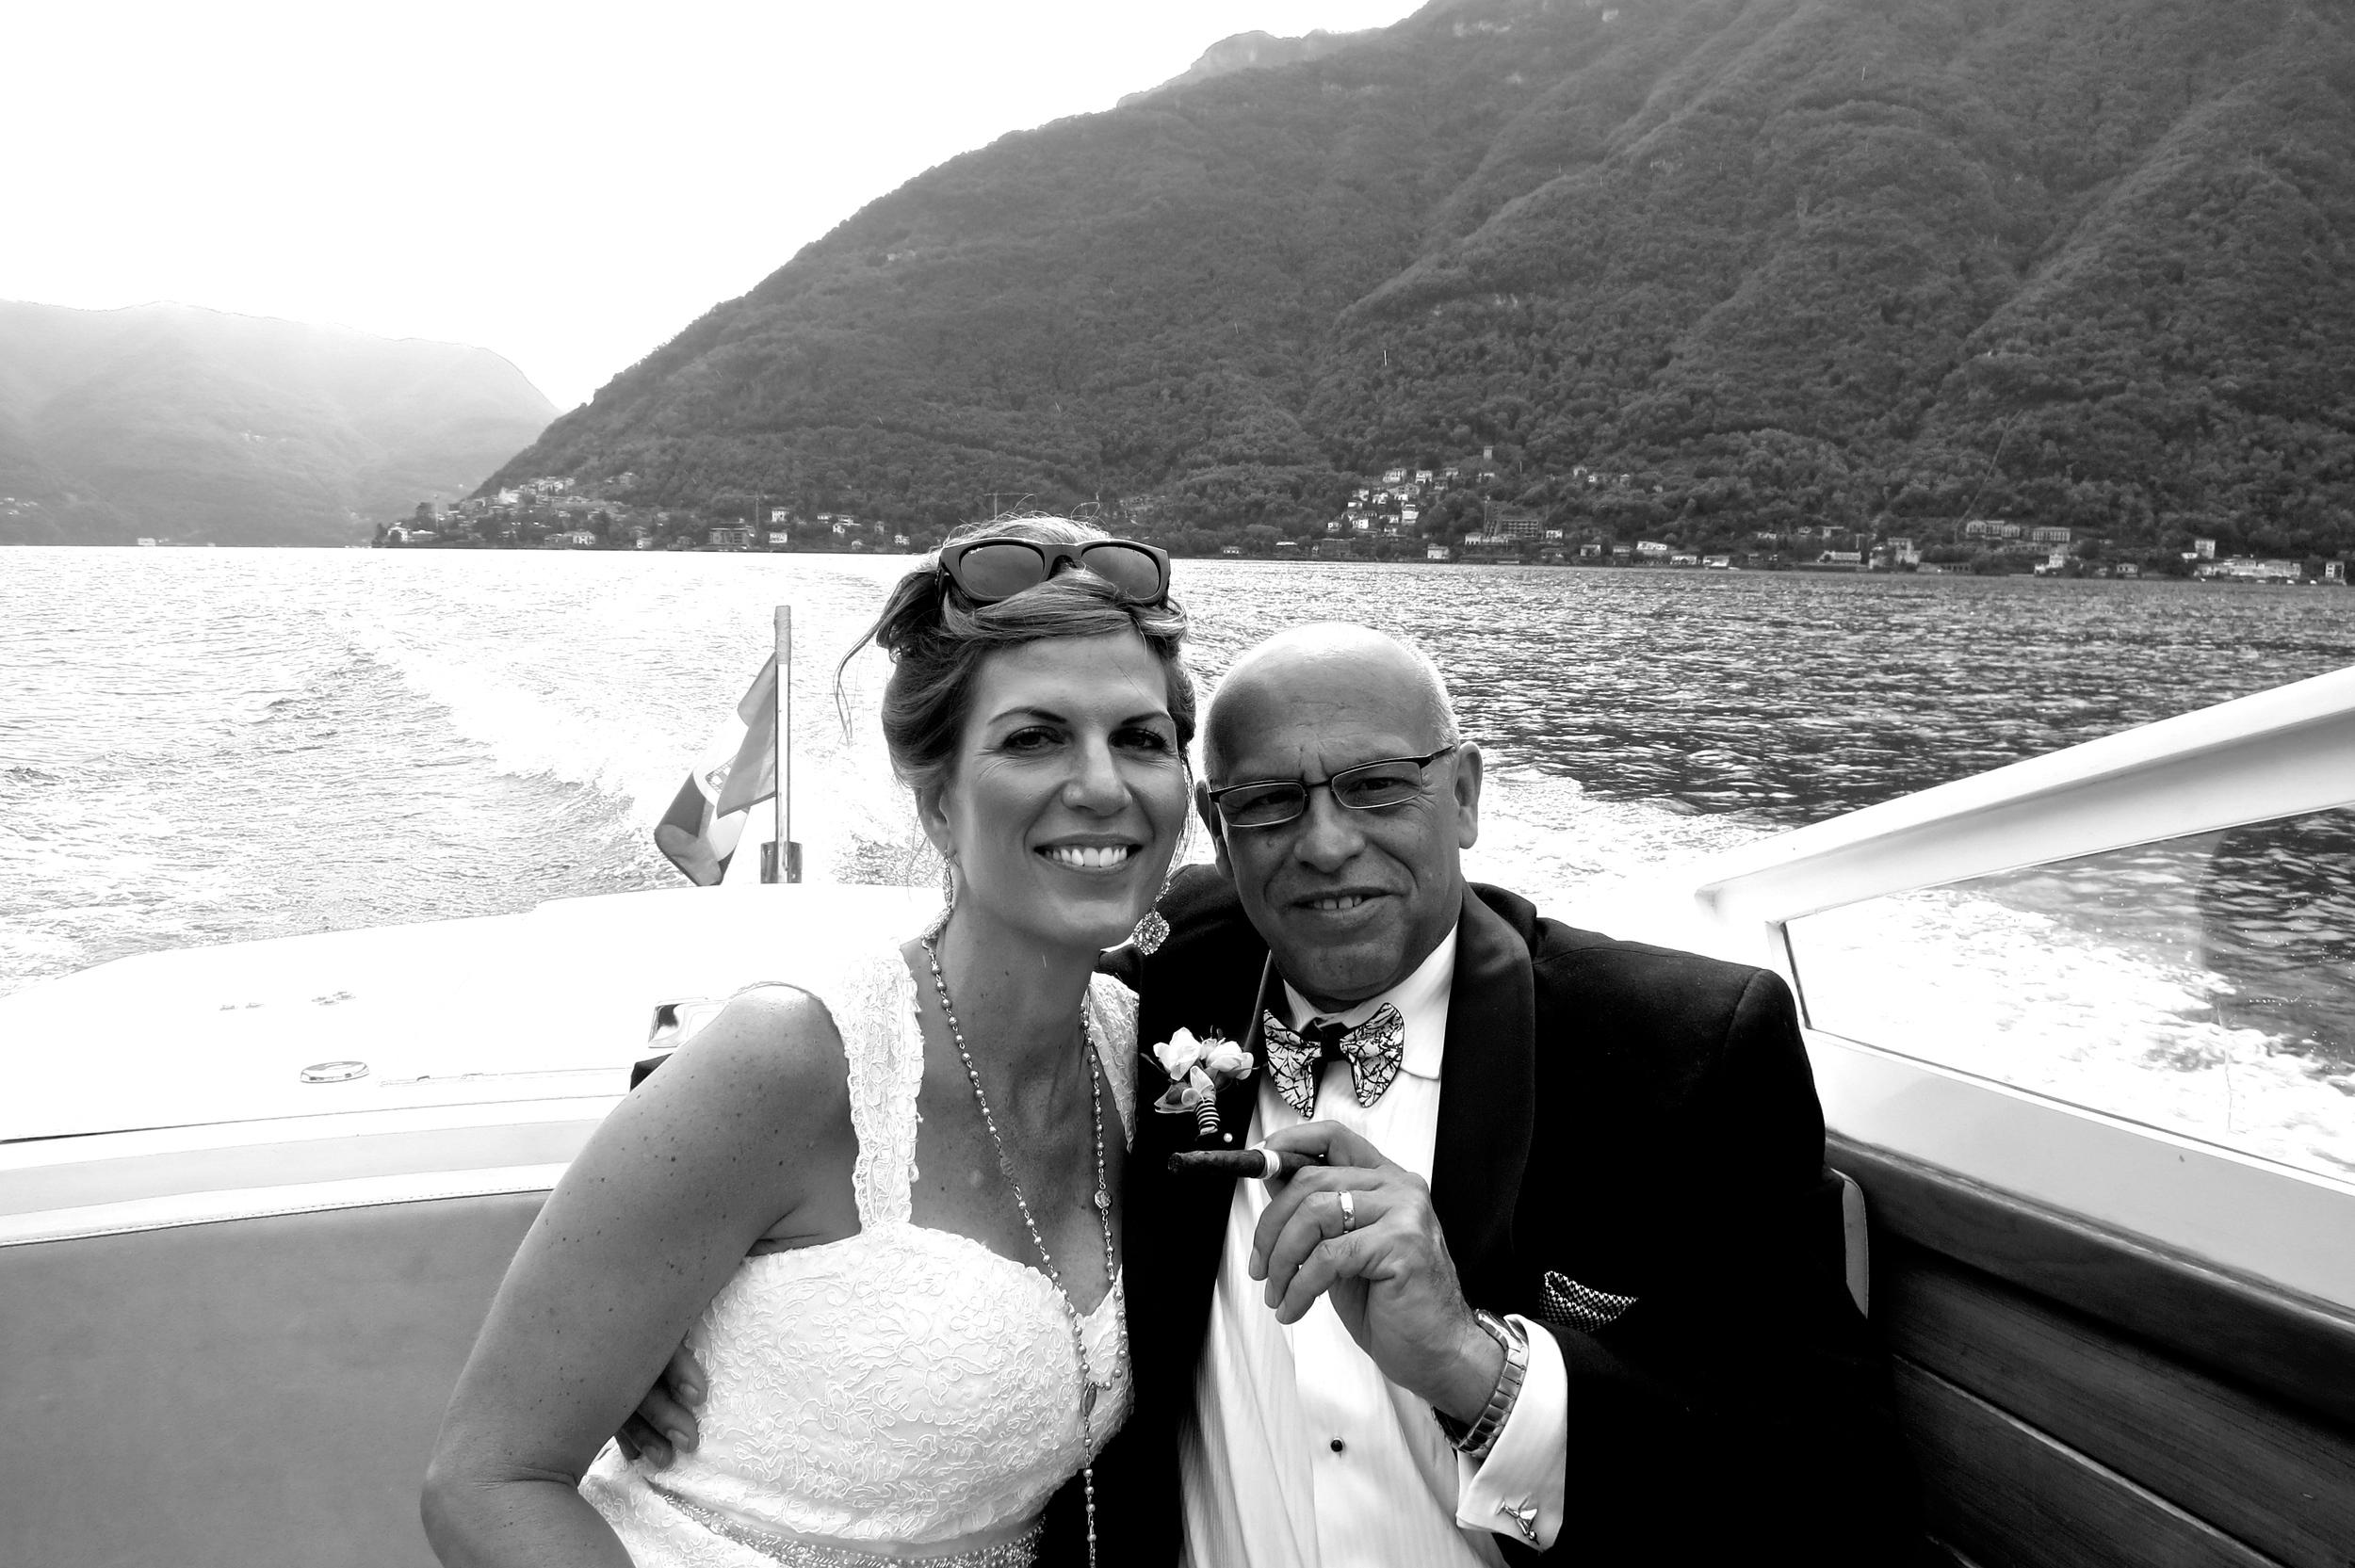 Wedding Day September 16, 2013 - Lake Como, Italy